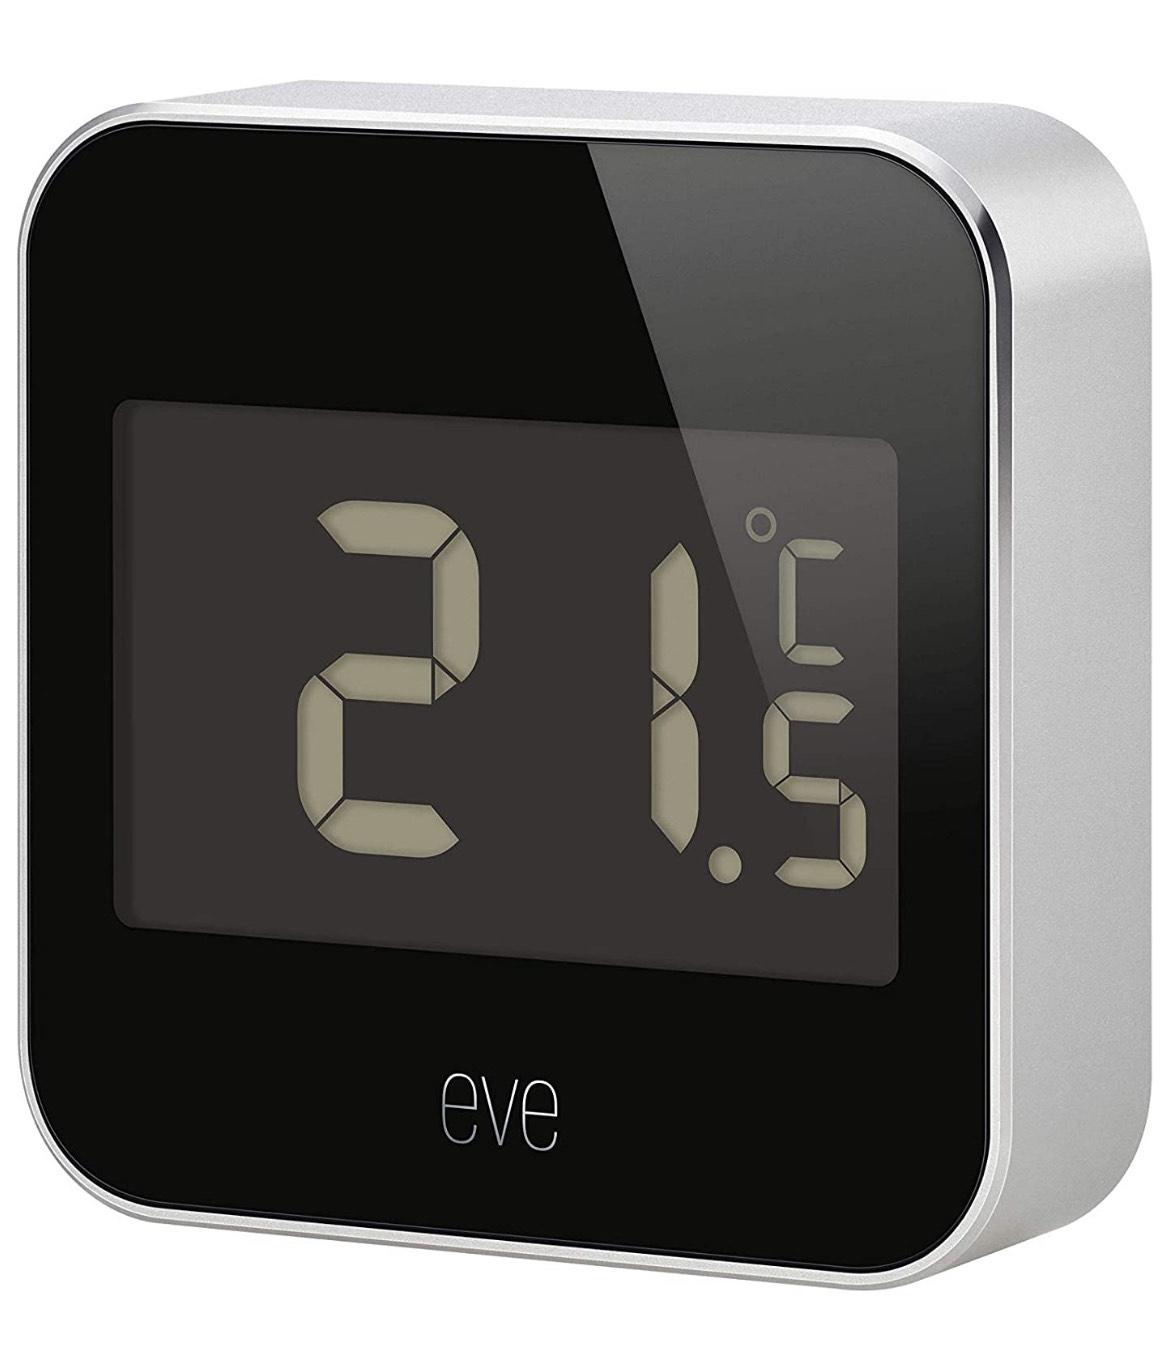 Capteur de température / humidité compatible Apple Home Kit Elgato Eve Degree